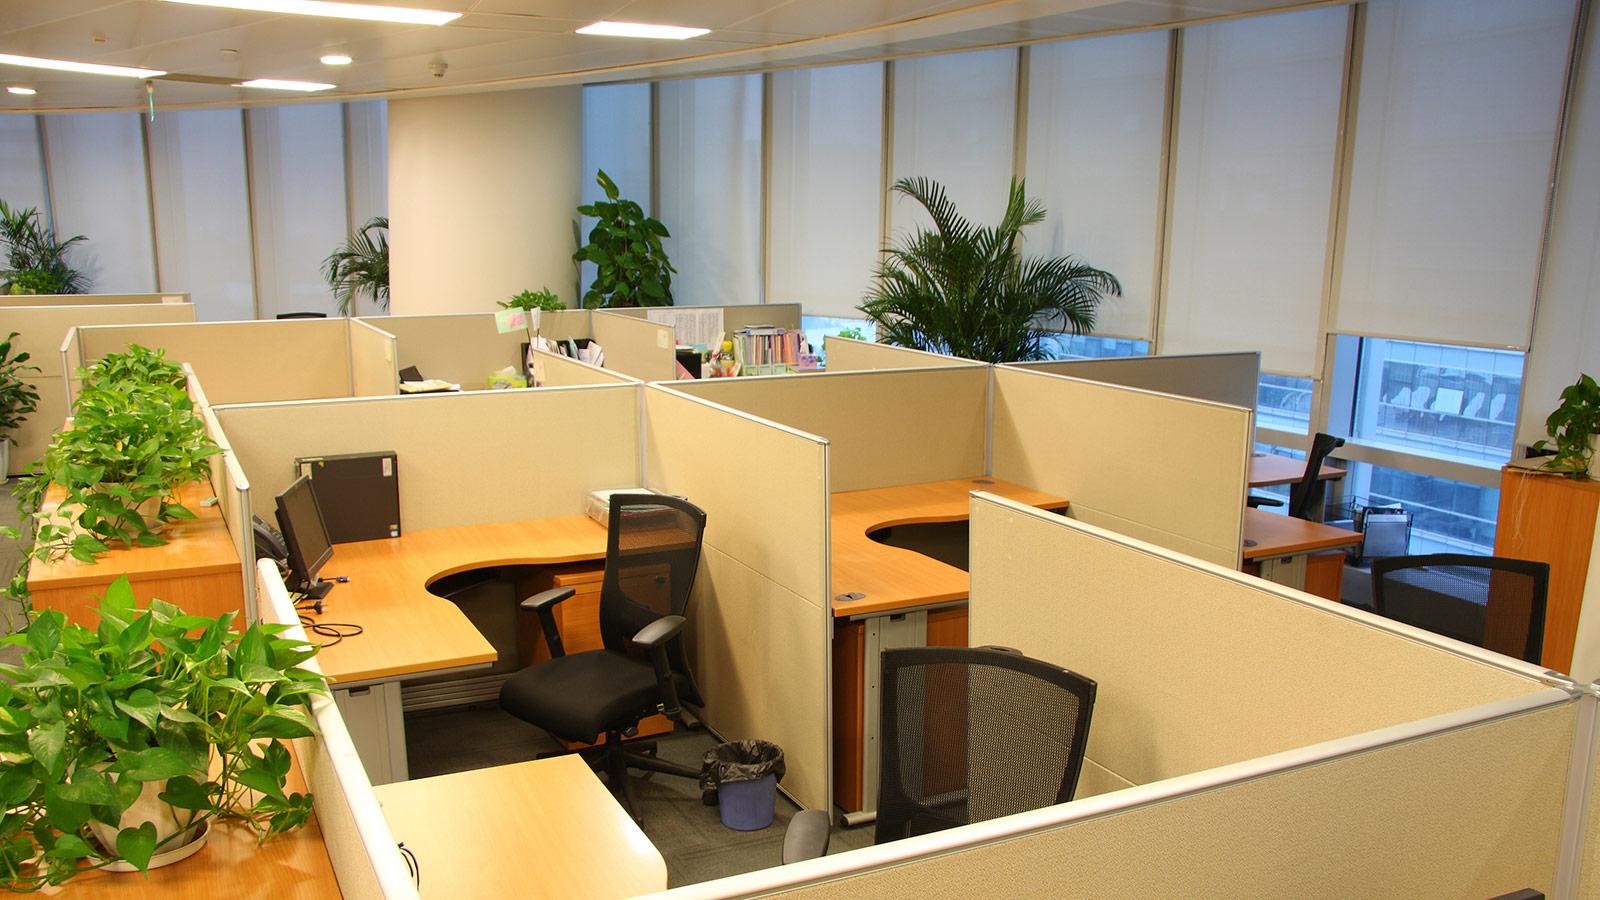 Green plants in an office